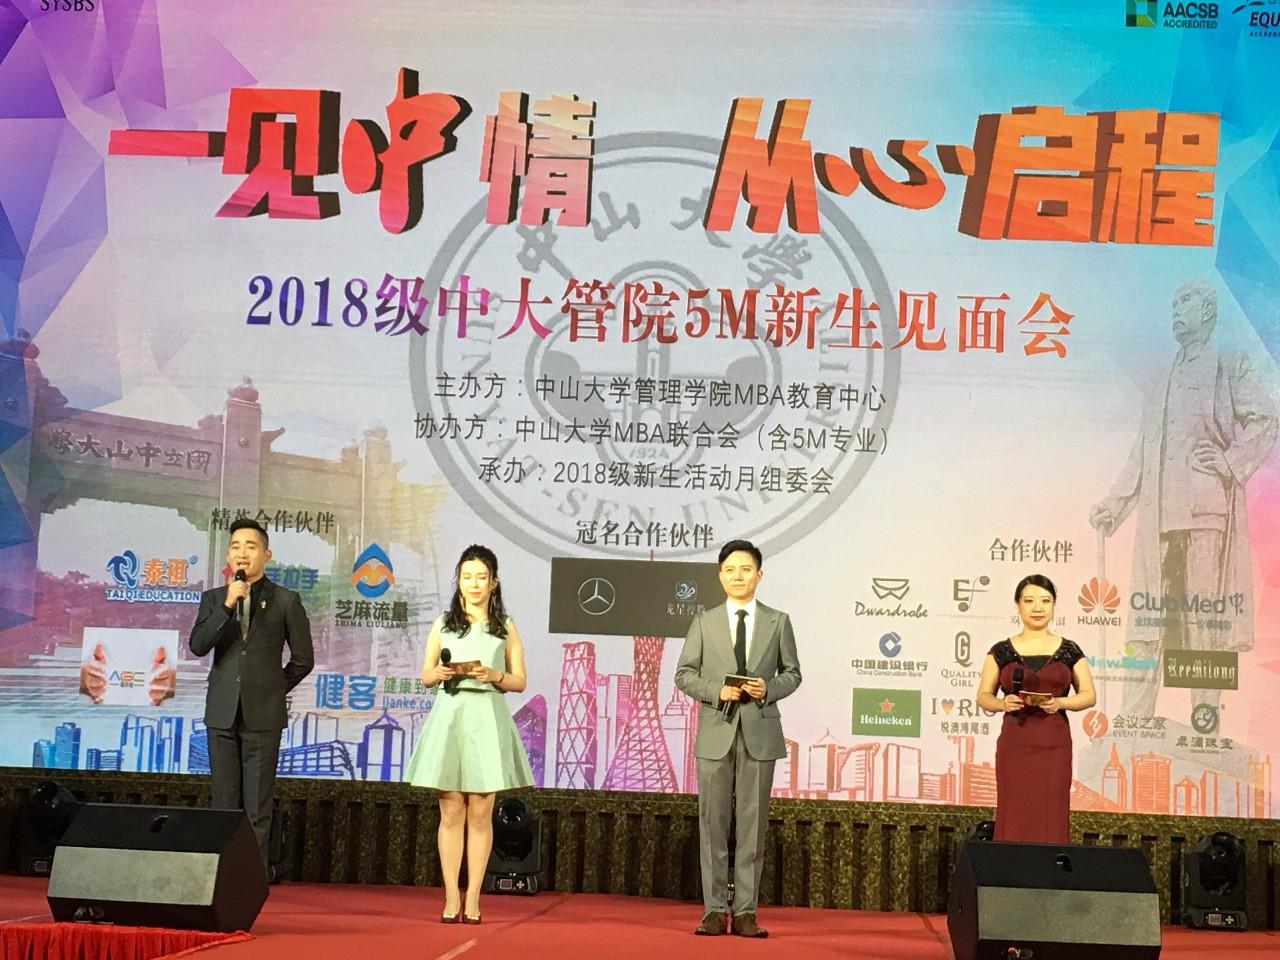 泰祺教育参加2018届中山大学管理学院迎新活动